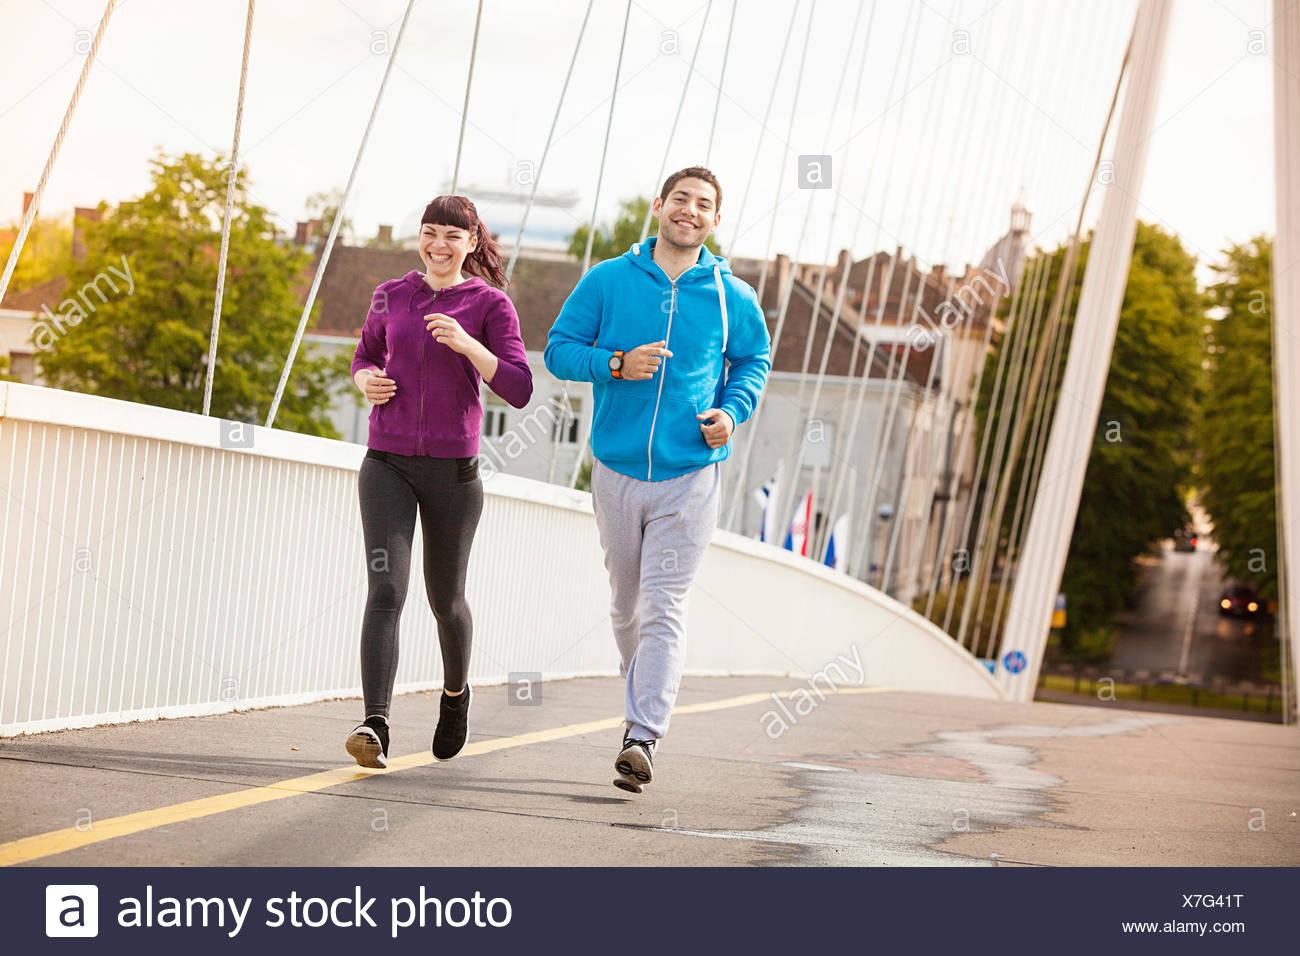 Coppia giovane jogging sul ponte, osijek, Croazia Immagini Stock